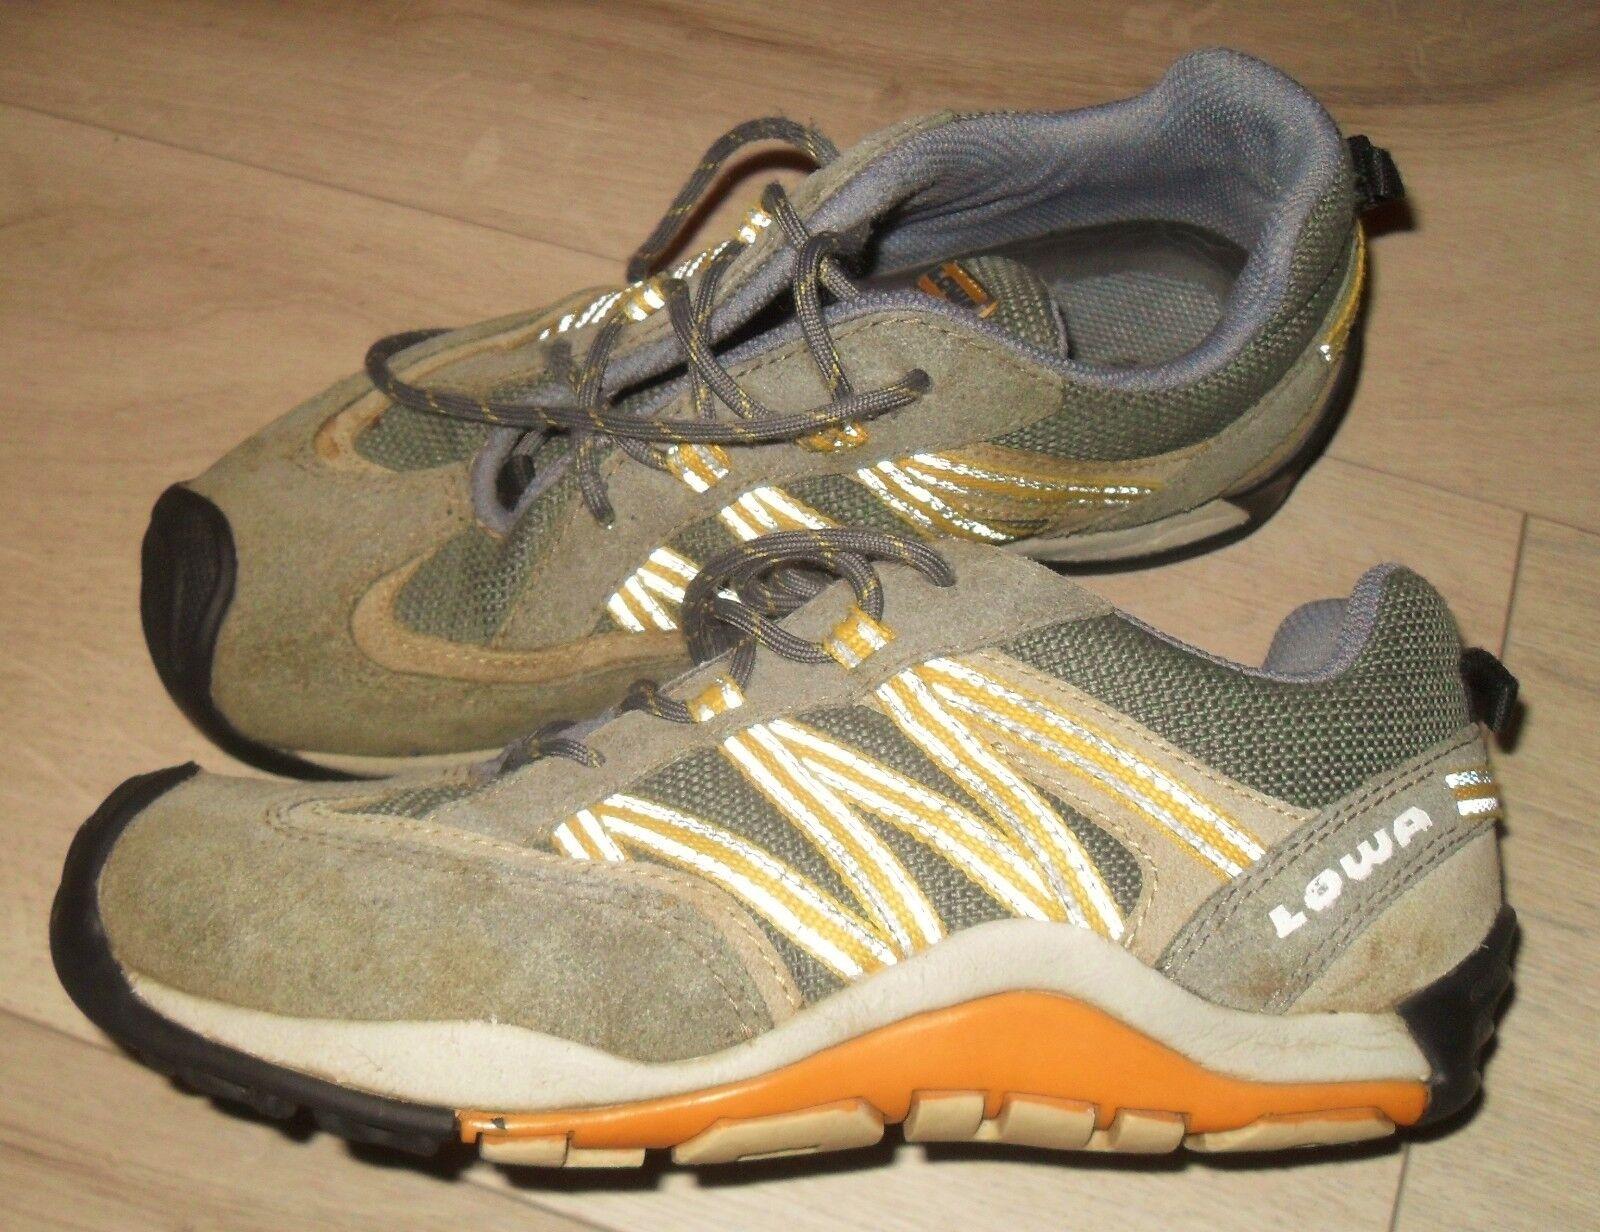 LOWA,Gr.33,Wanderschuhe,Halbschuhe,Sneaker,Marken Schuhe